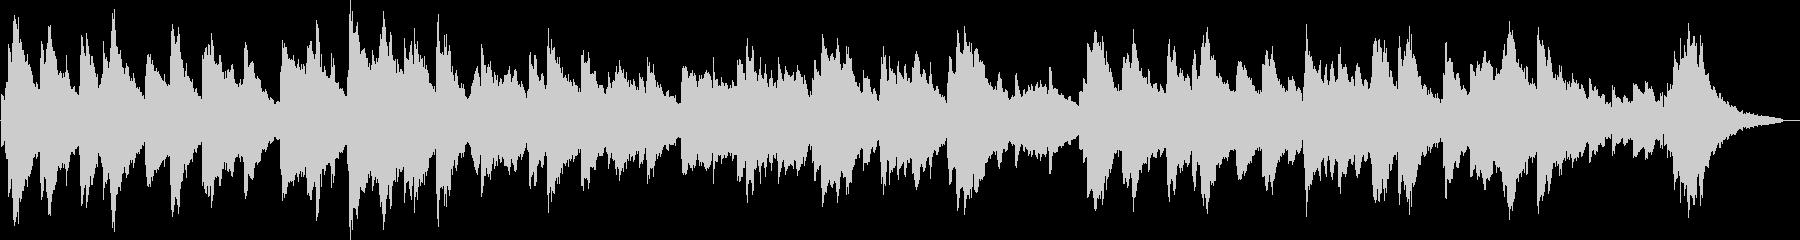 ローズピアノの眠くなるBGMの未再生の波形